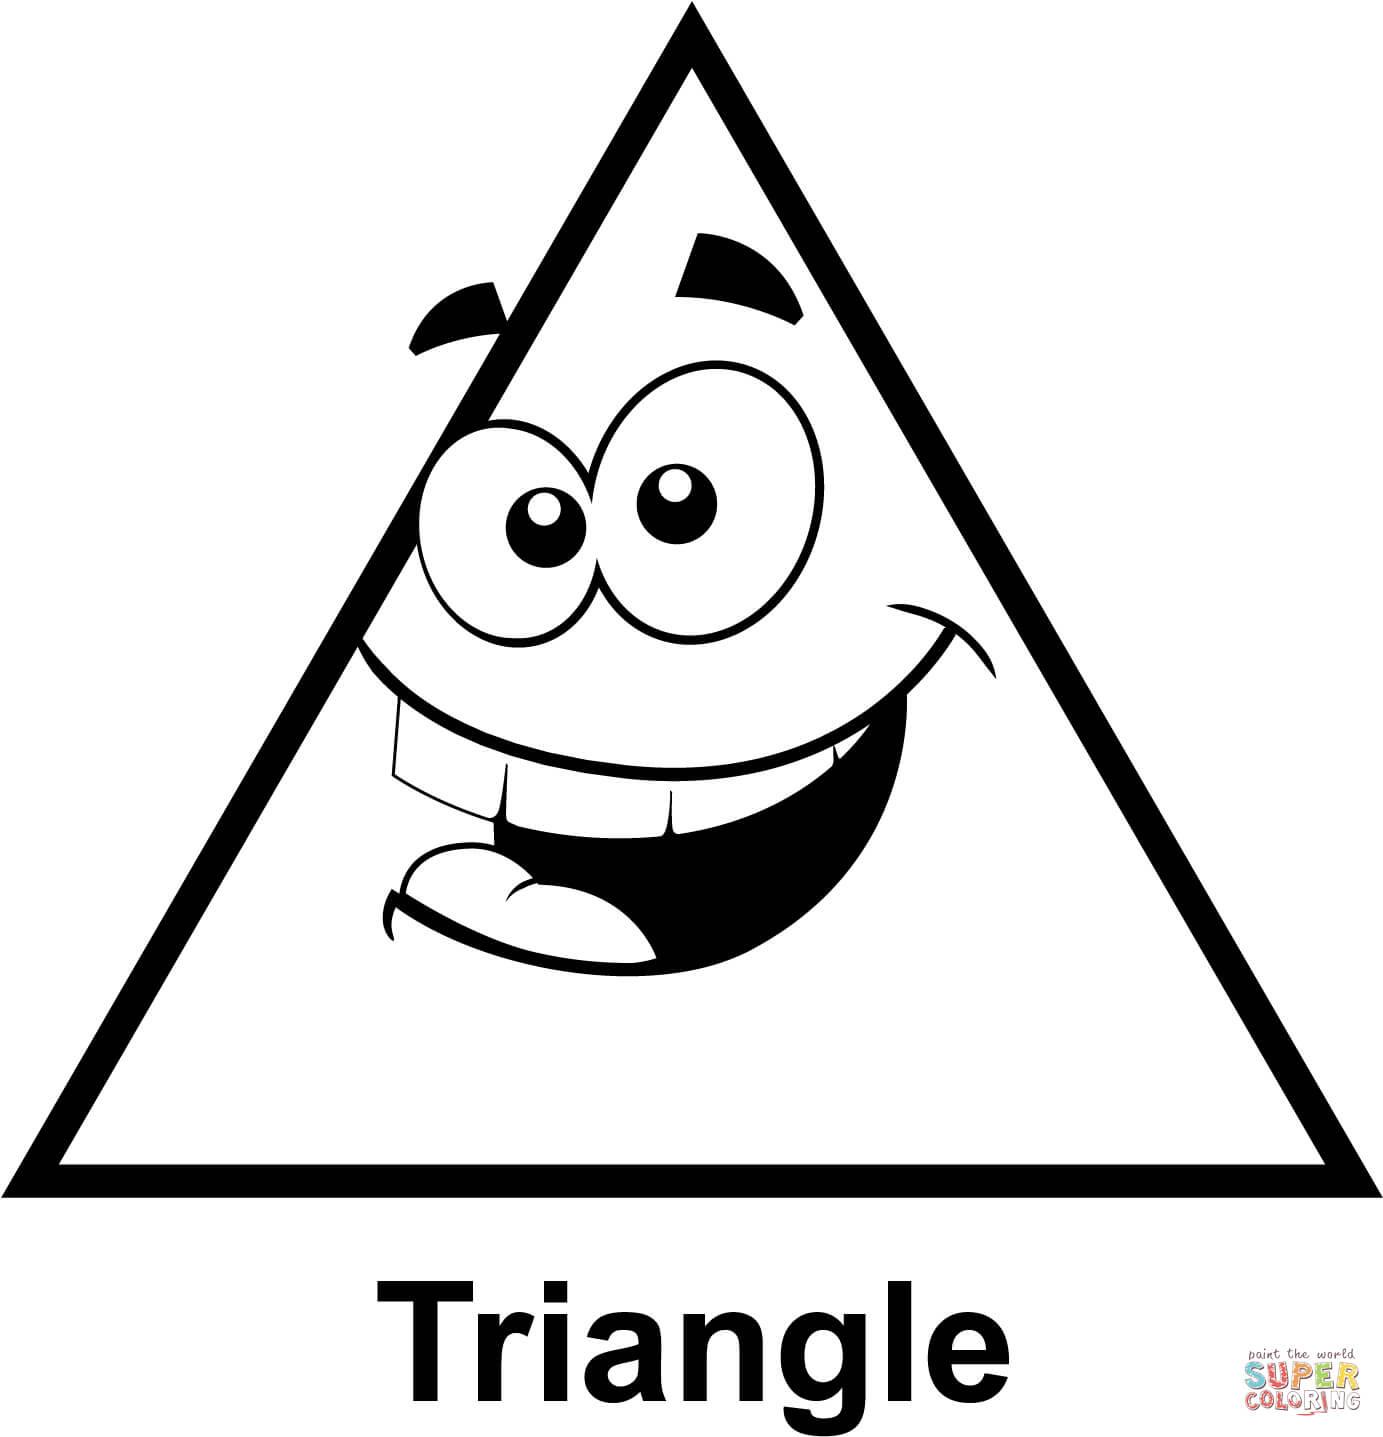 Ausmalbild Dreieck Mit Cartoon Gesicht